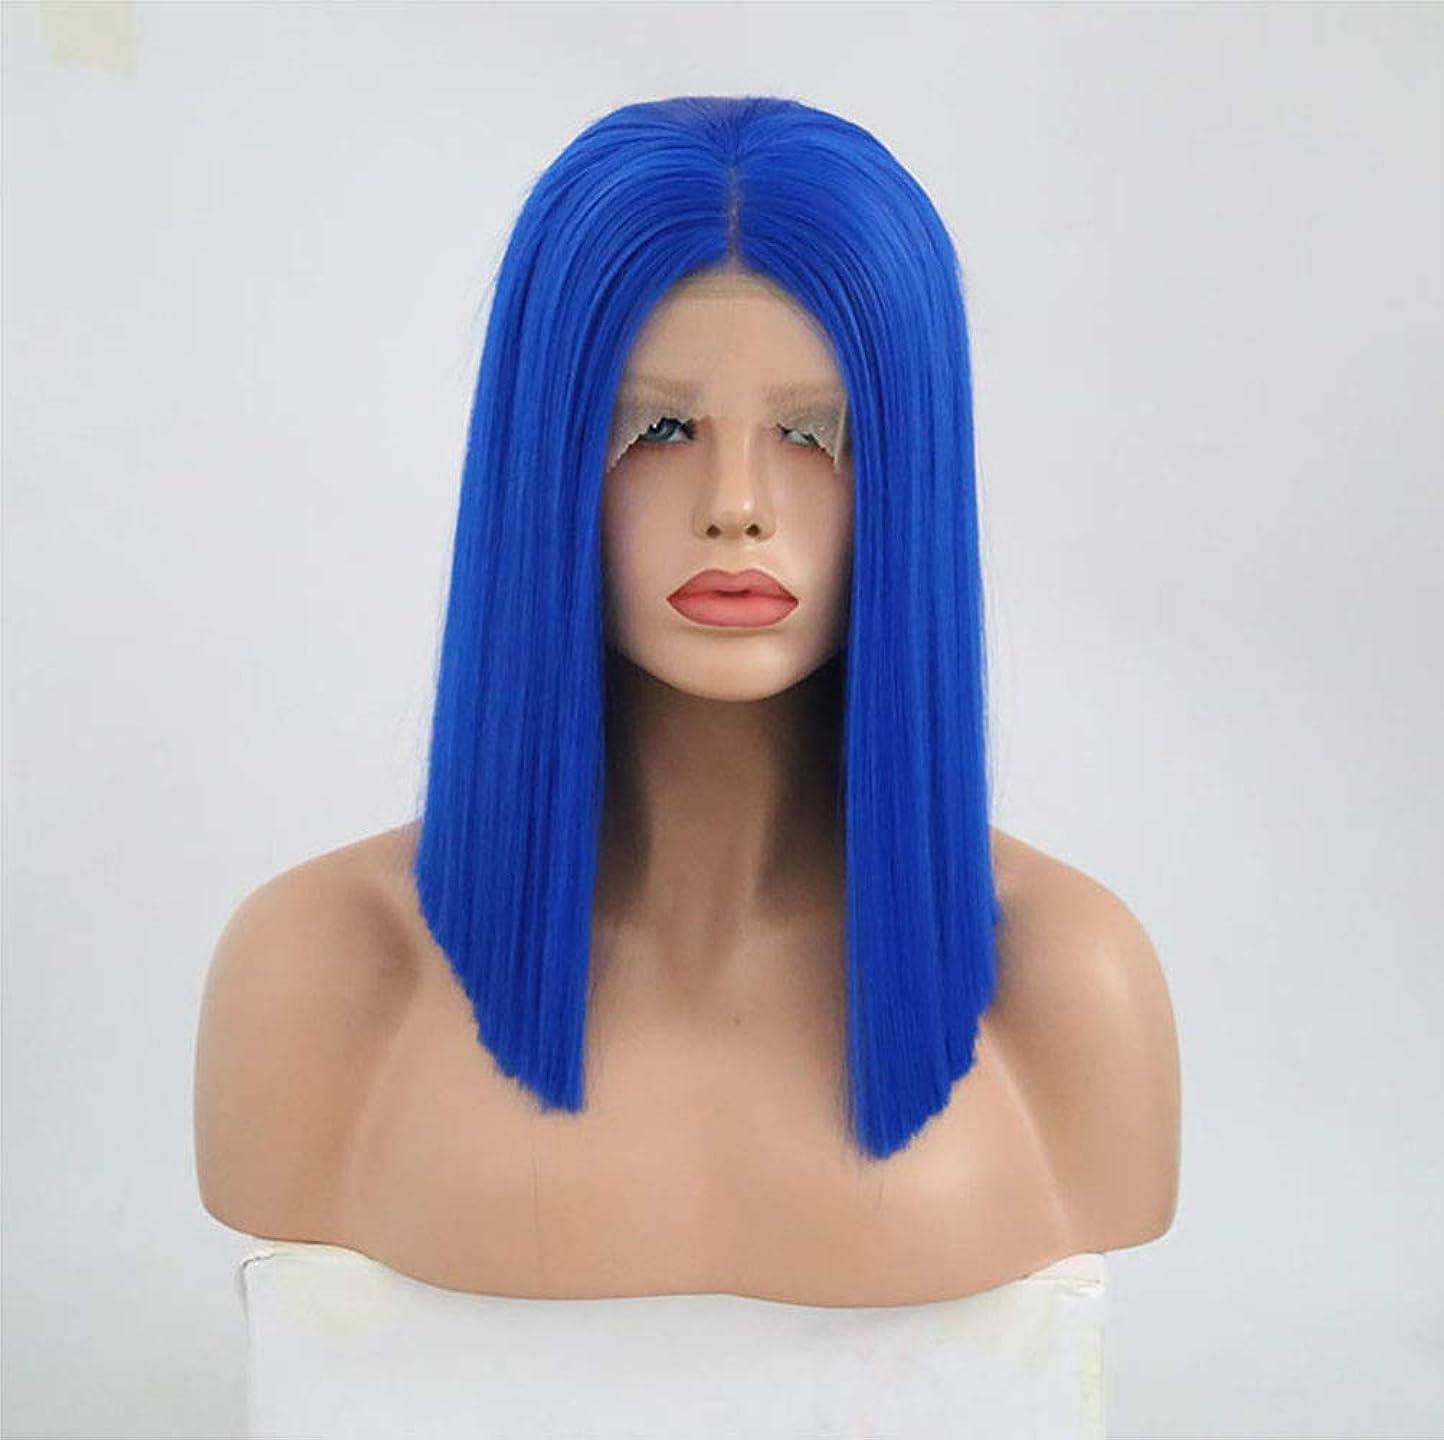 六月正しいそして女性用フロントレースストレートウィッグ耐熱合成毛ウィッグ+ウィッグキャップブルー